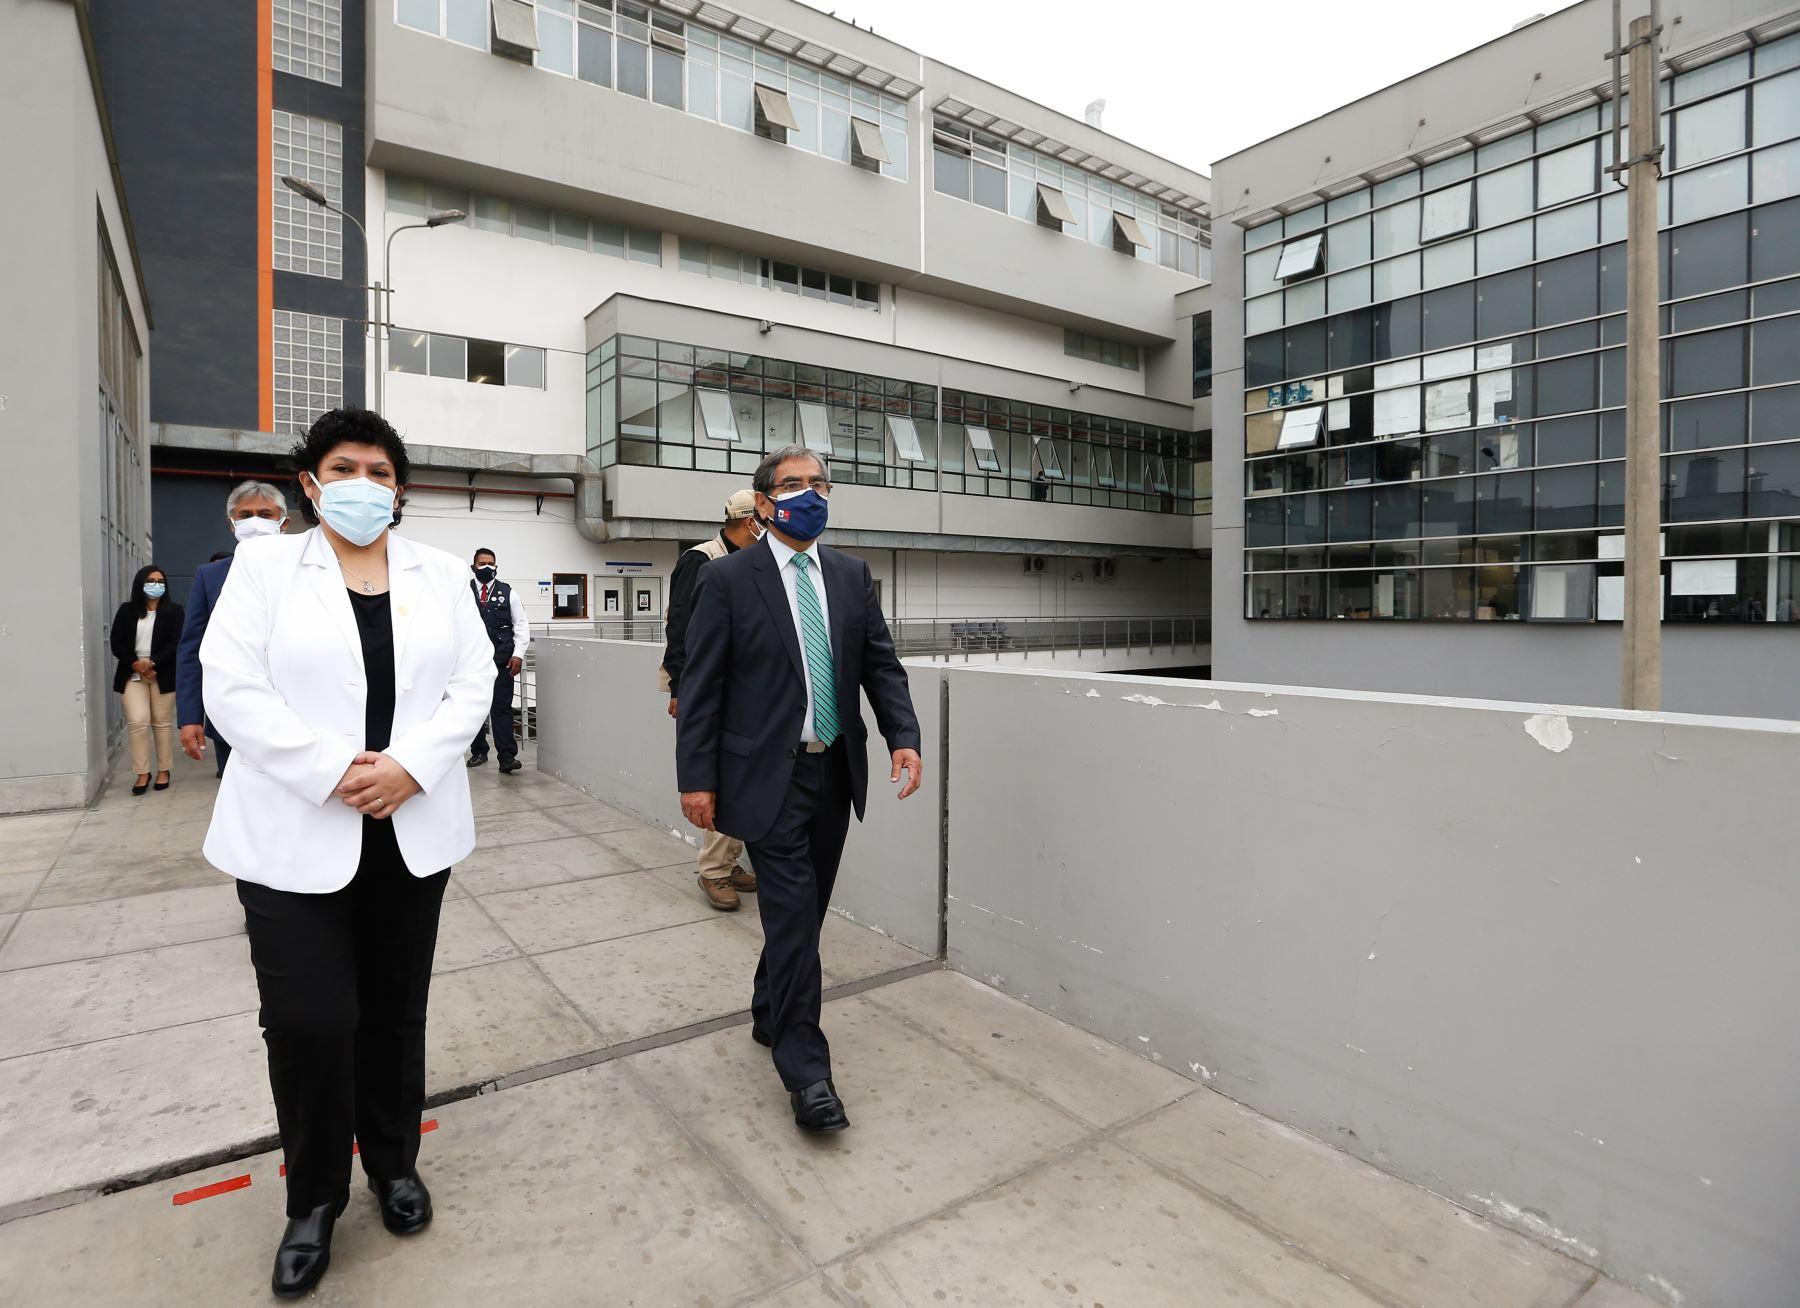 El ministro de Salud, Óscar Ugarte, participó en la ceremonia de inauguración de la planta de oxígeno donada por Respira Perú al Hospital de Emergencias covid-19 de Ate. Foto: Minsa